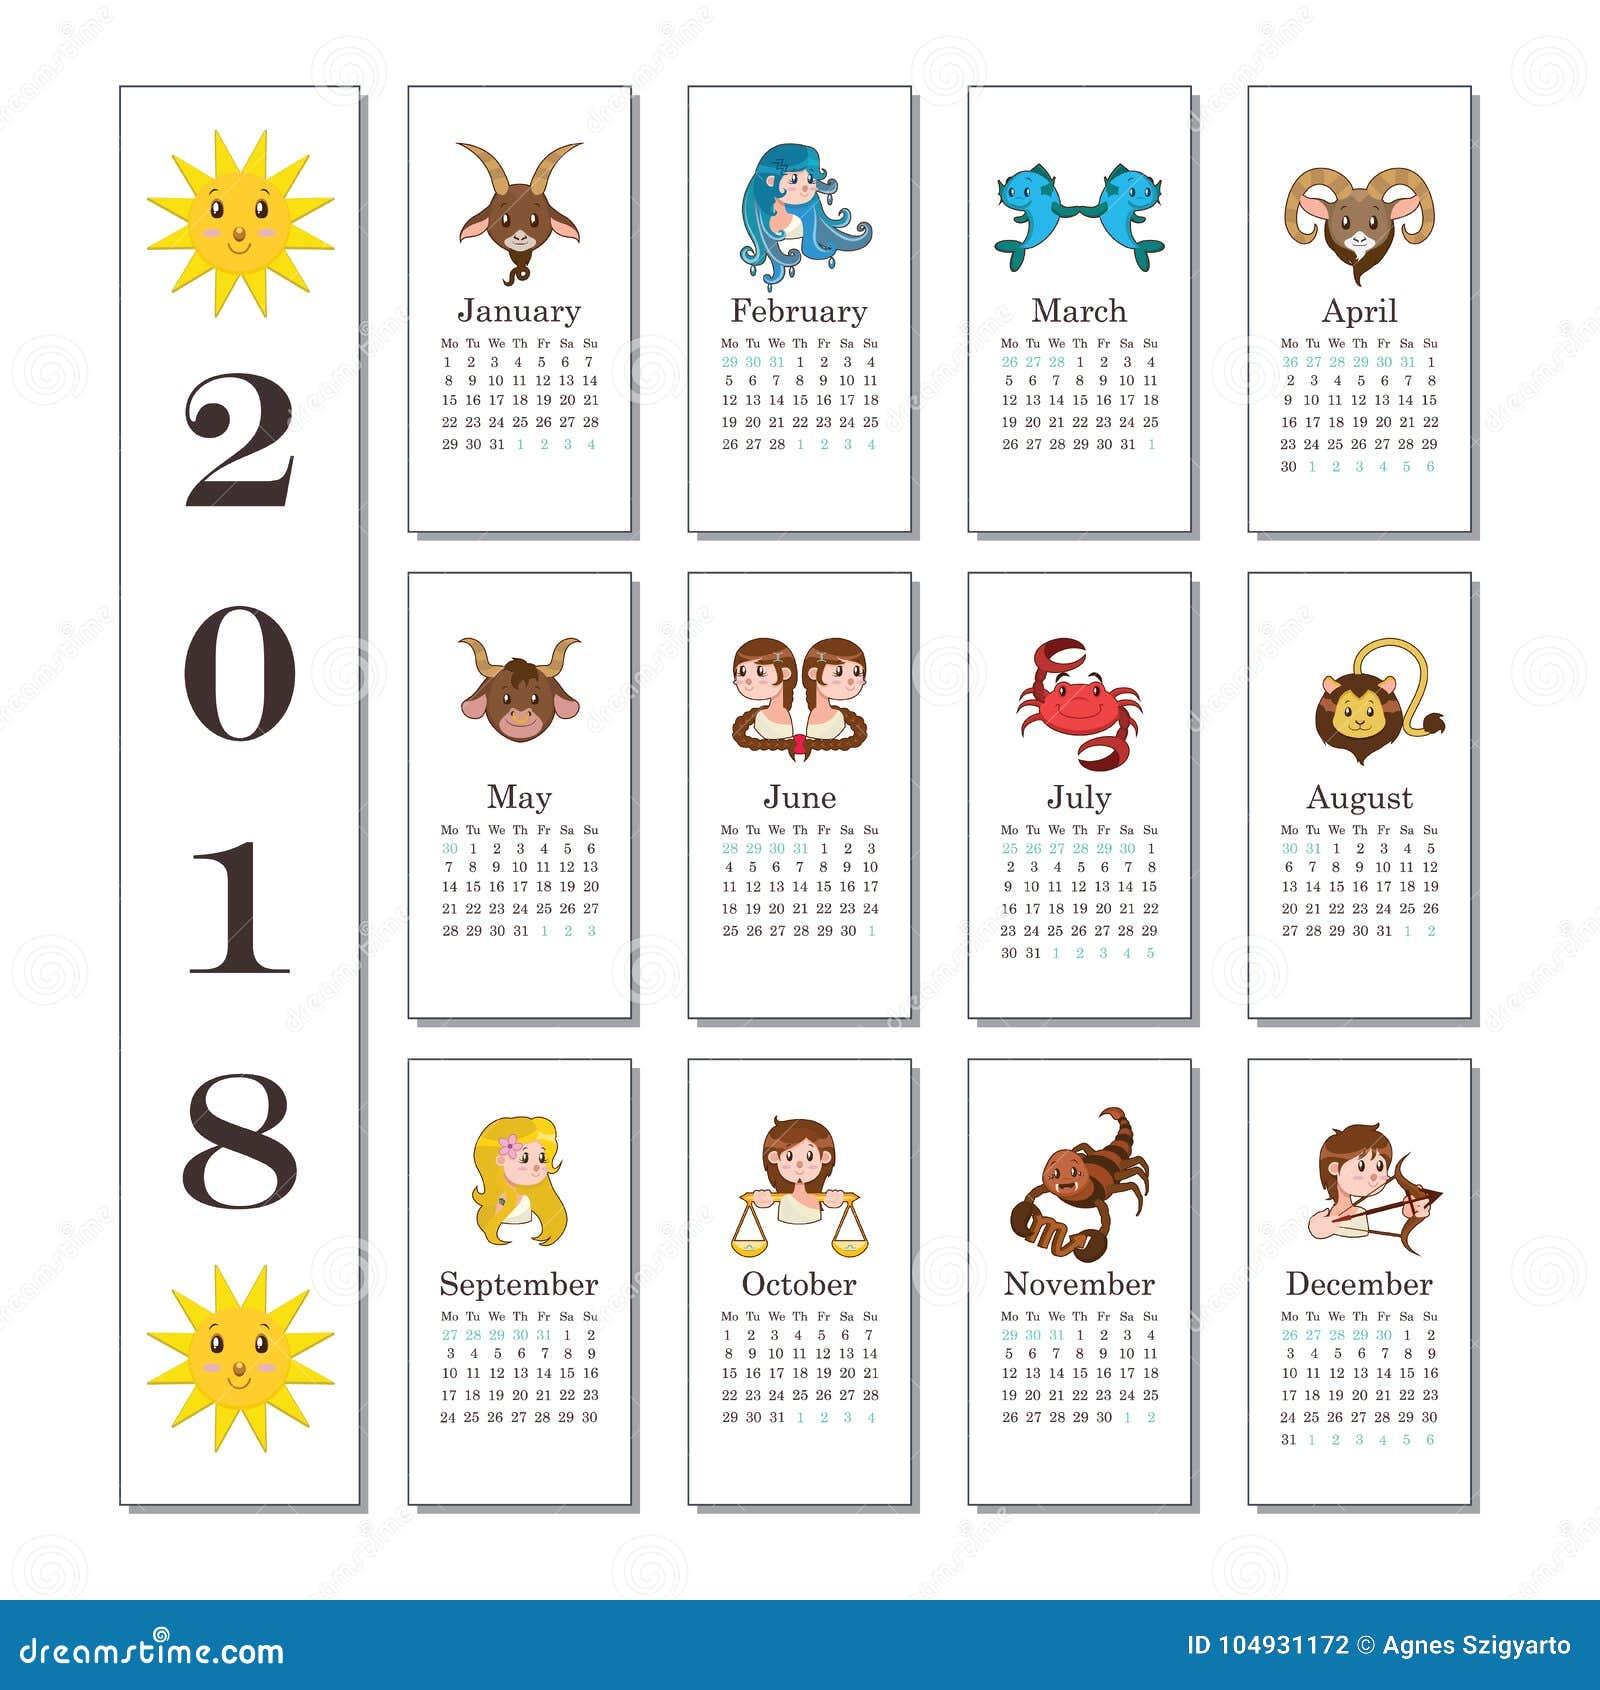 Calendario Segni.Calendario 2018 Con I Segni Del Fumetto Dello Zodiaco